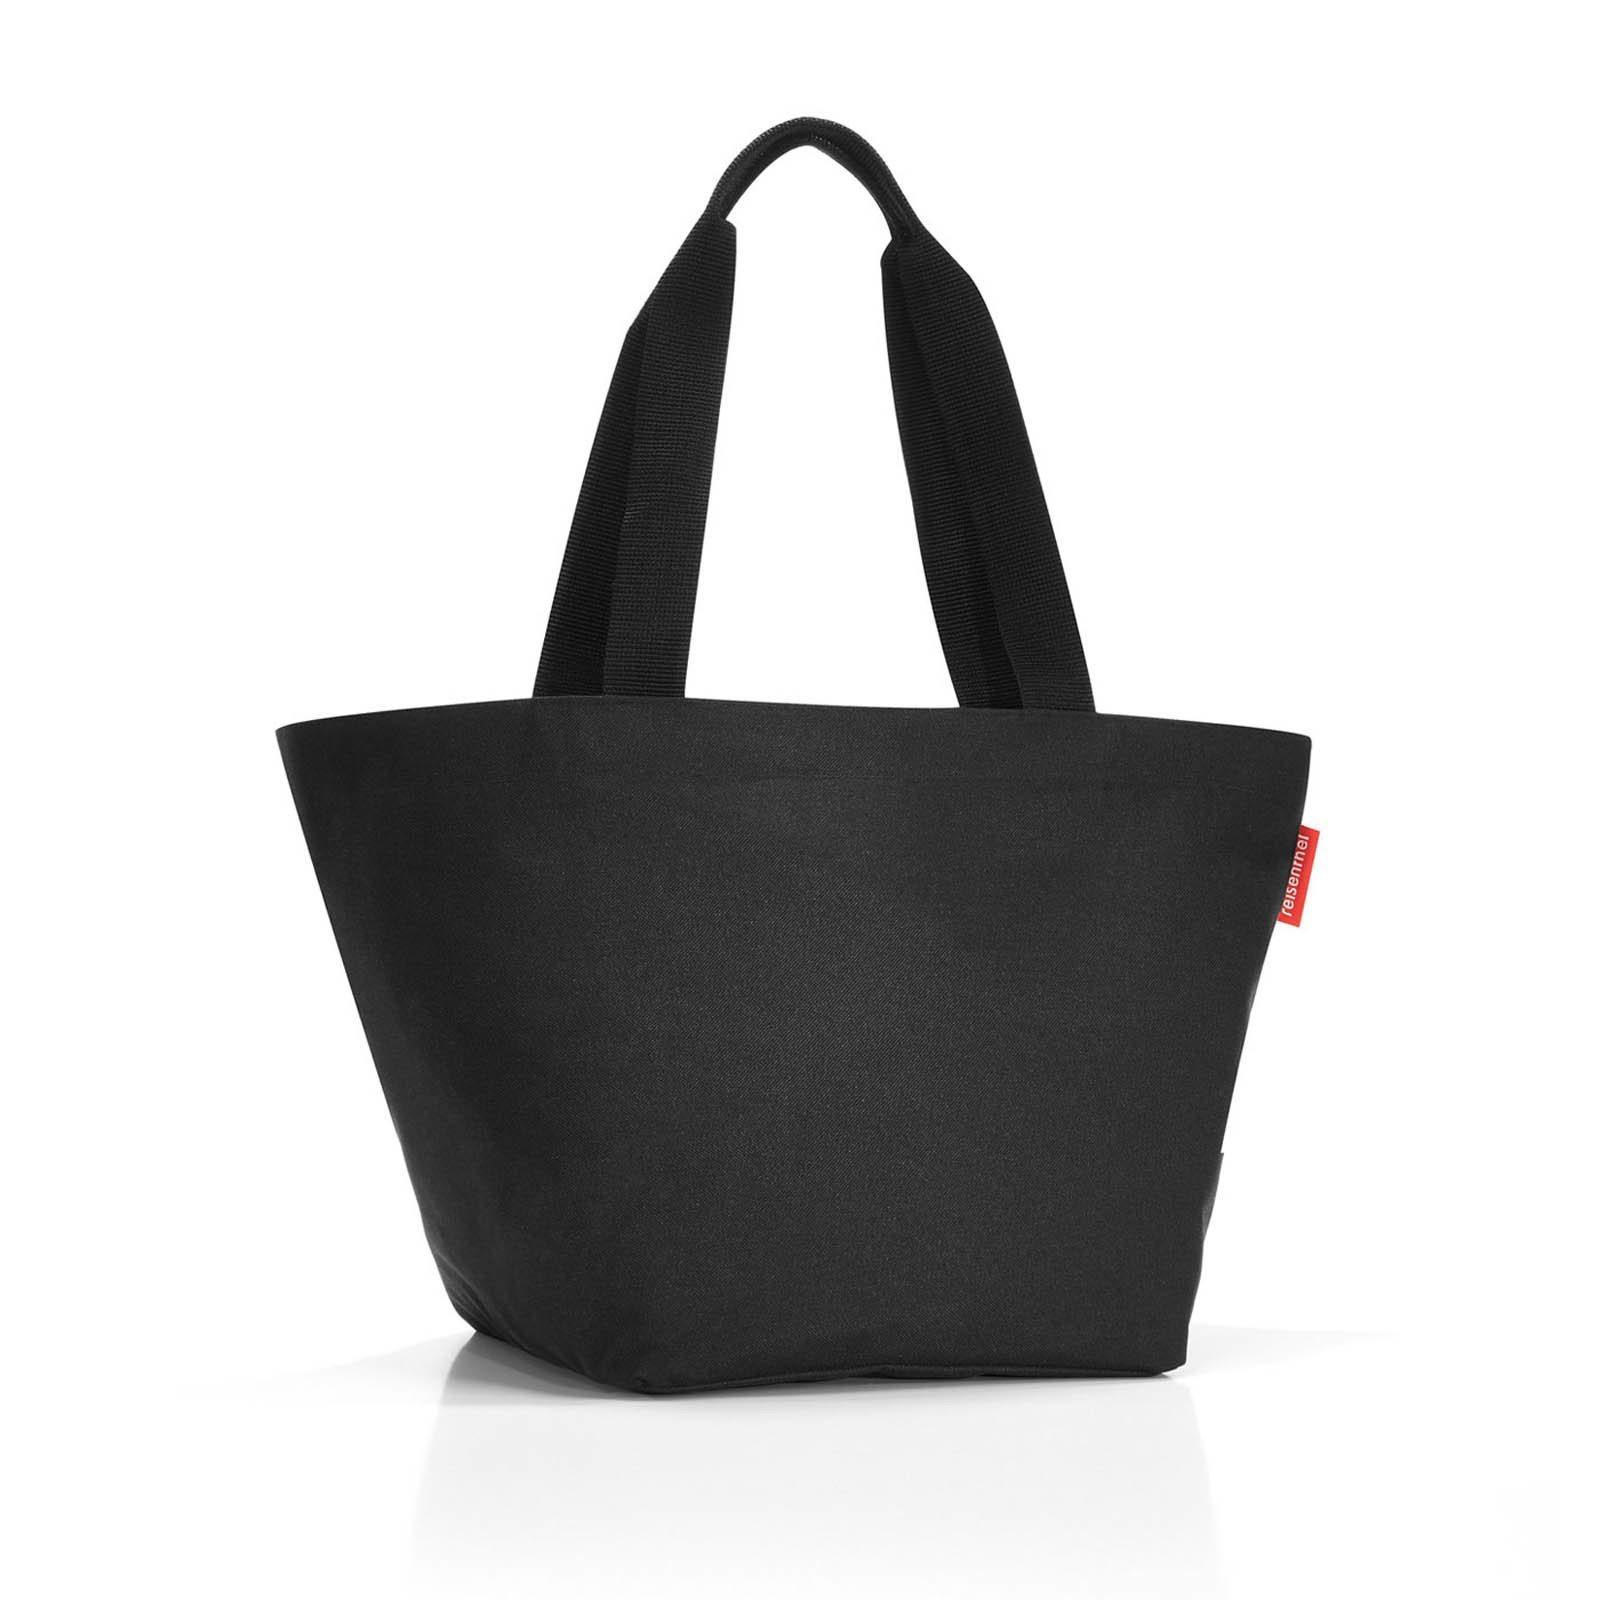 7582736738120 Handtasche Shopper Rot Preisvergleich • Die besten Angebote online ...